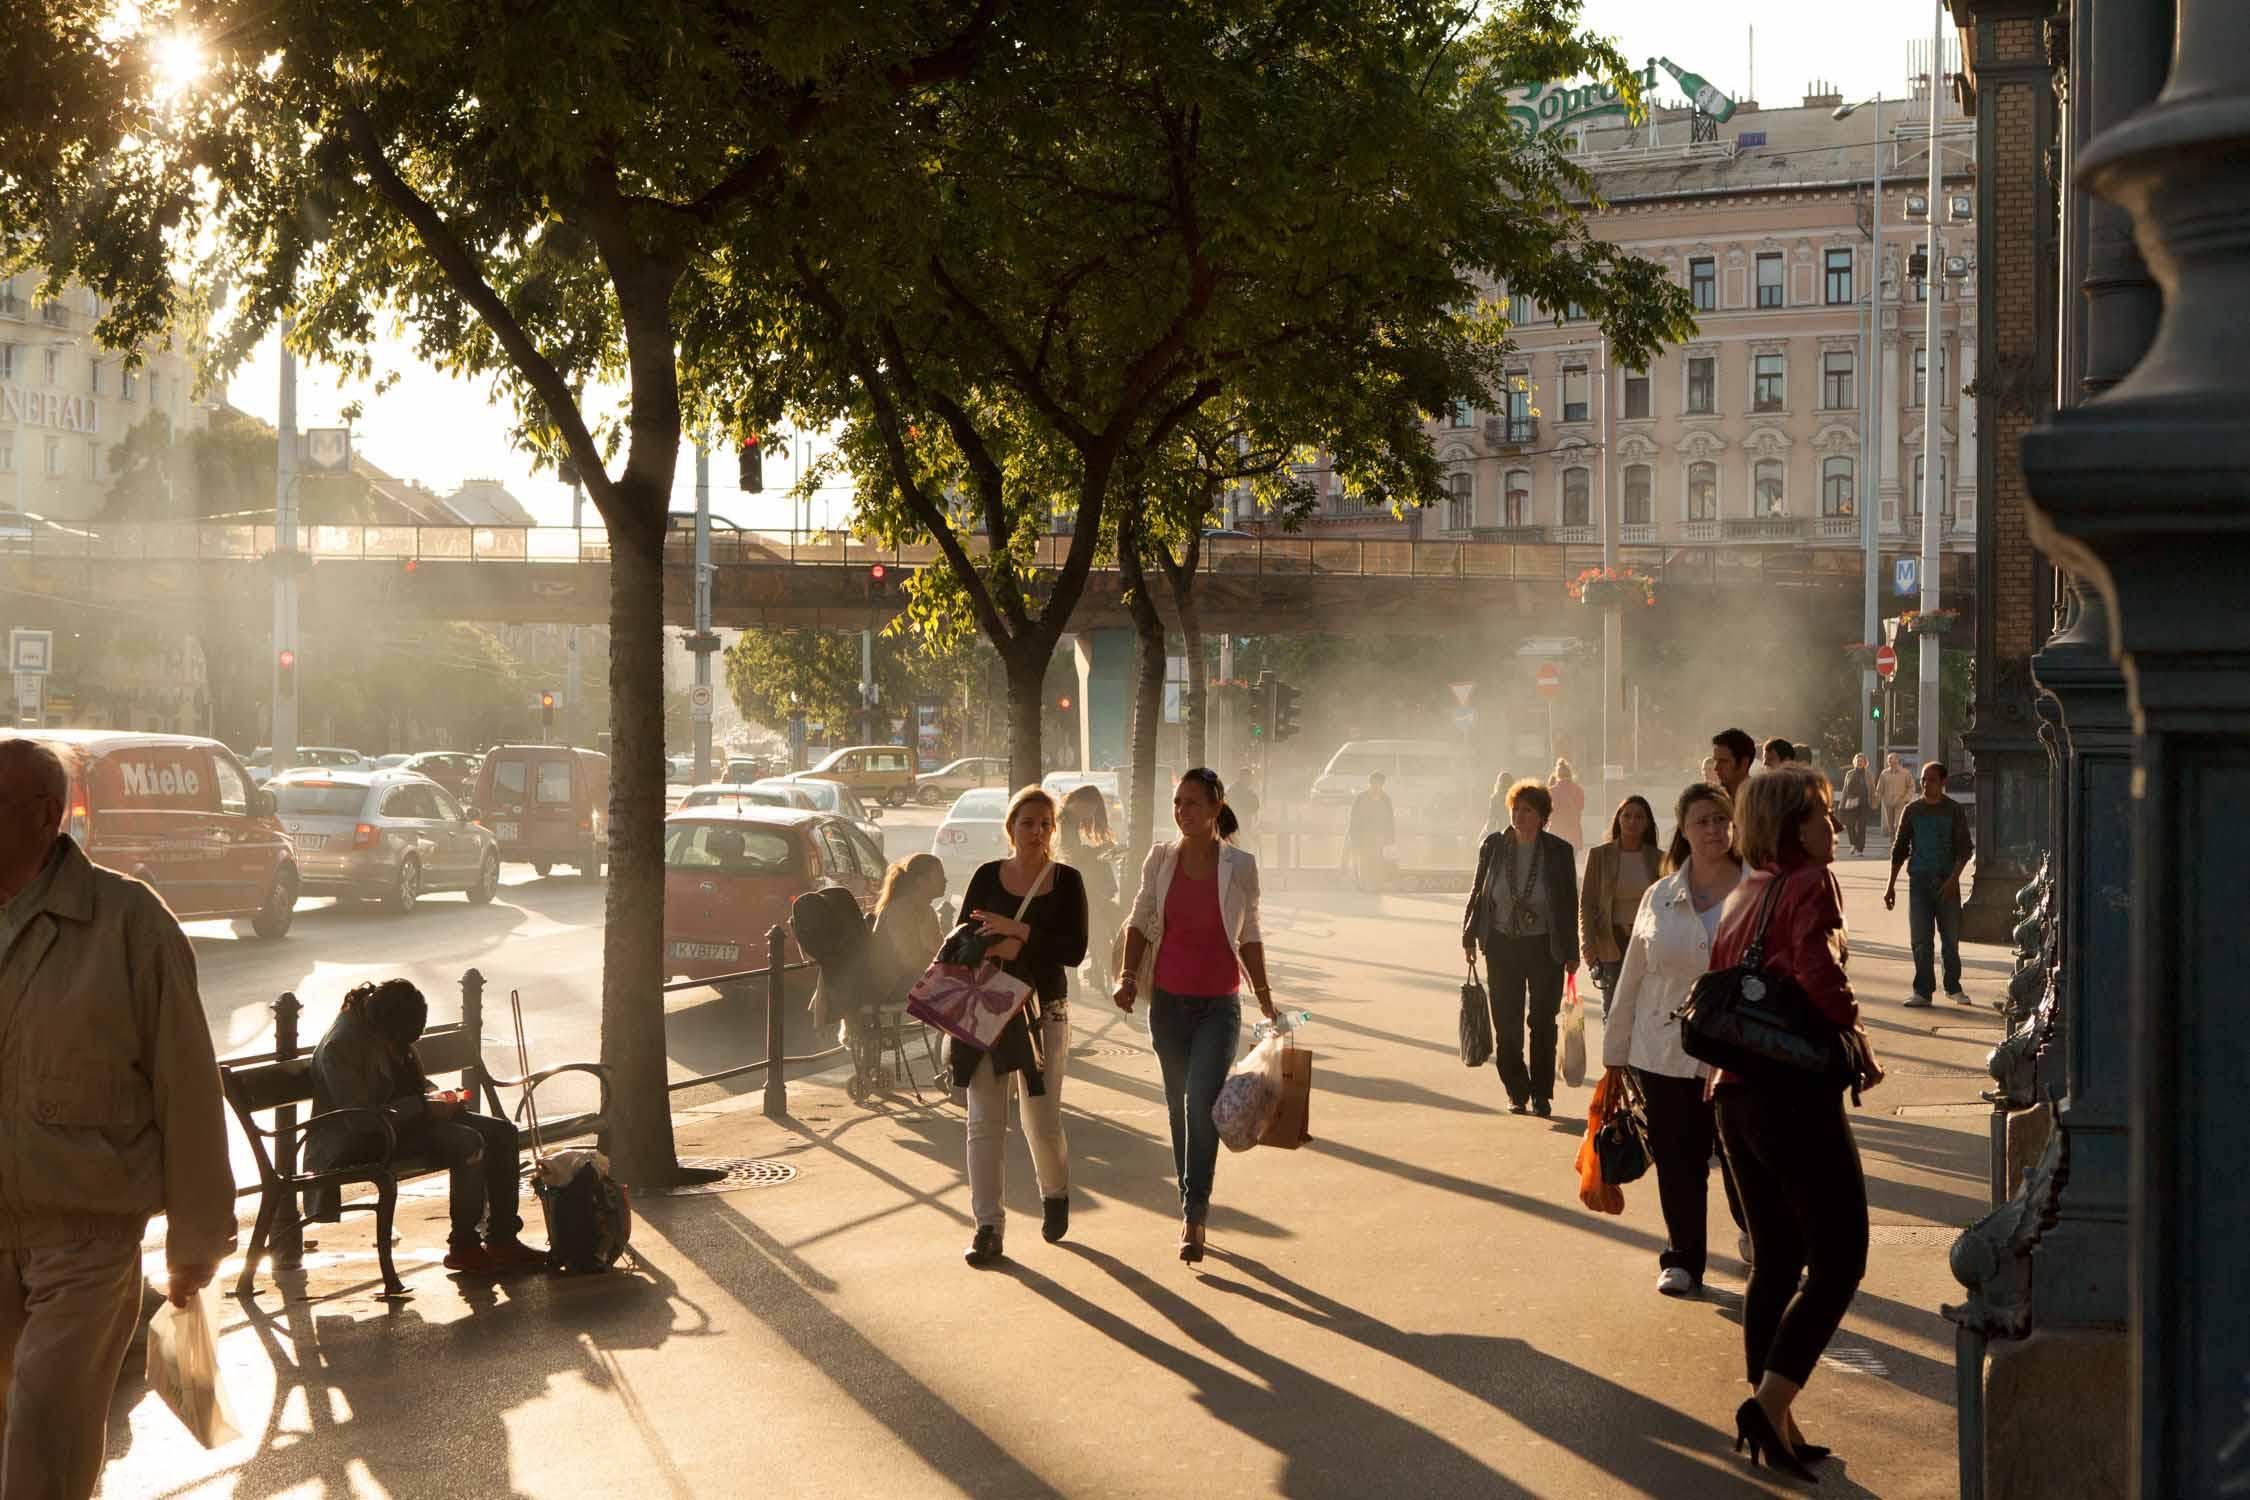 budapest nyugati pu zwei frauen einkaufen dampf gegenlicht sonnenschein abendsonne westbahnhof ungarn bahnhof reisen zugfahren Jörn Strojny